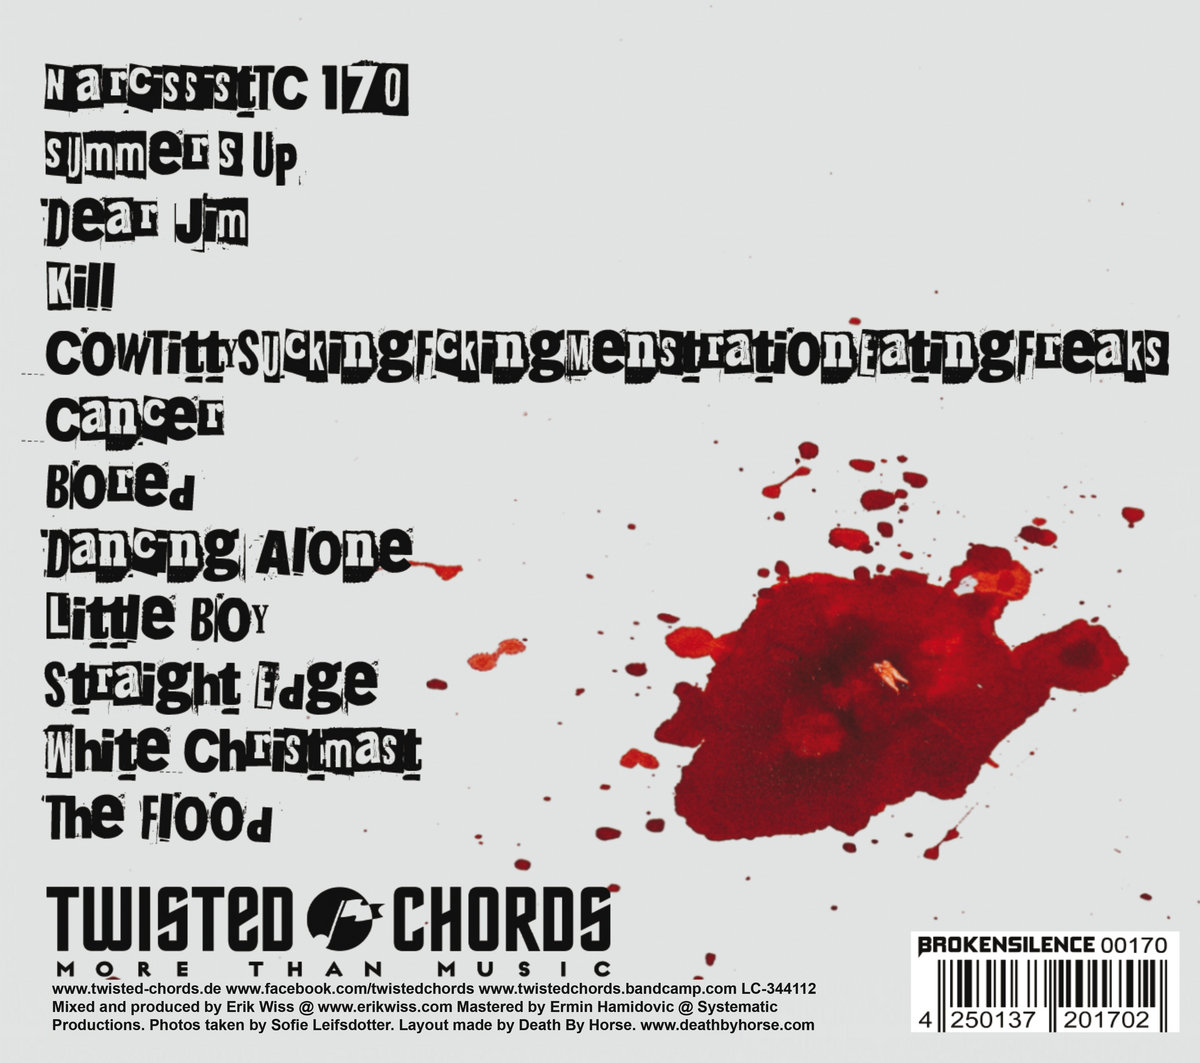 Dear Jim | Twisted Chords